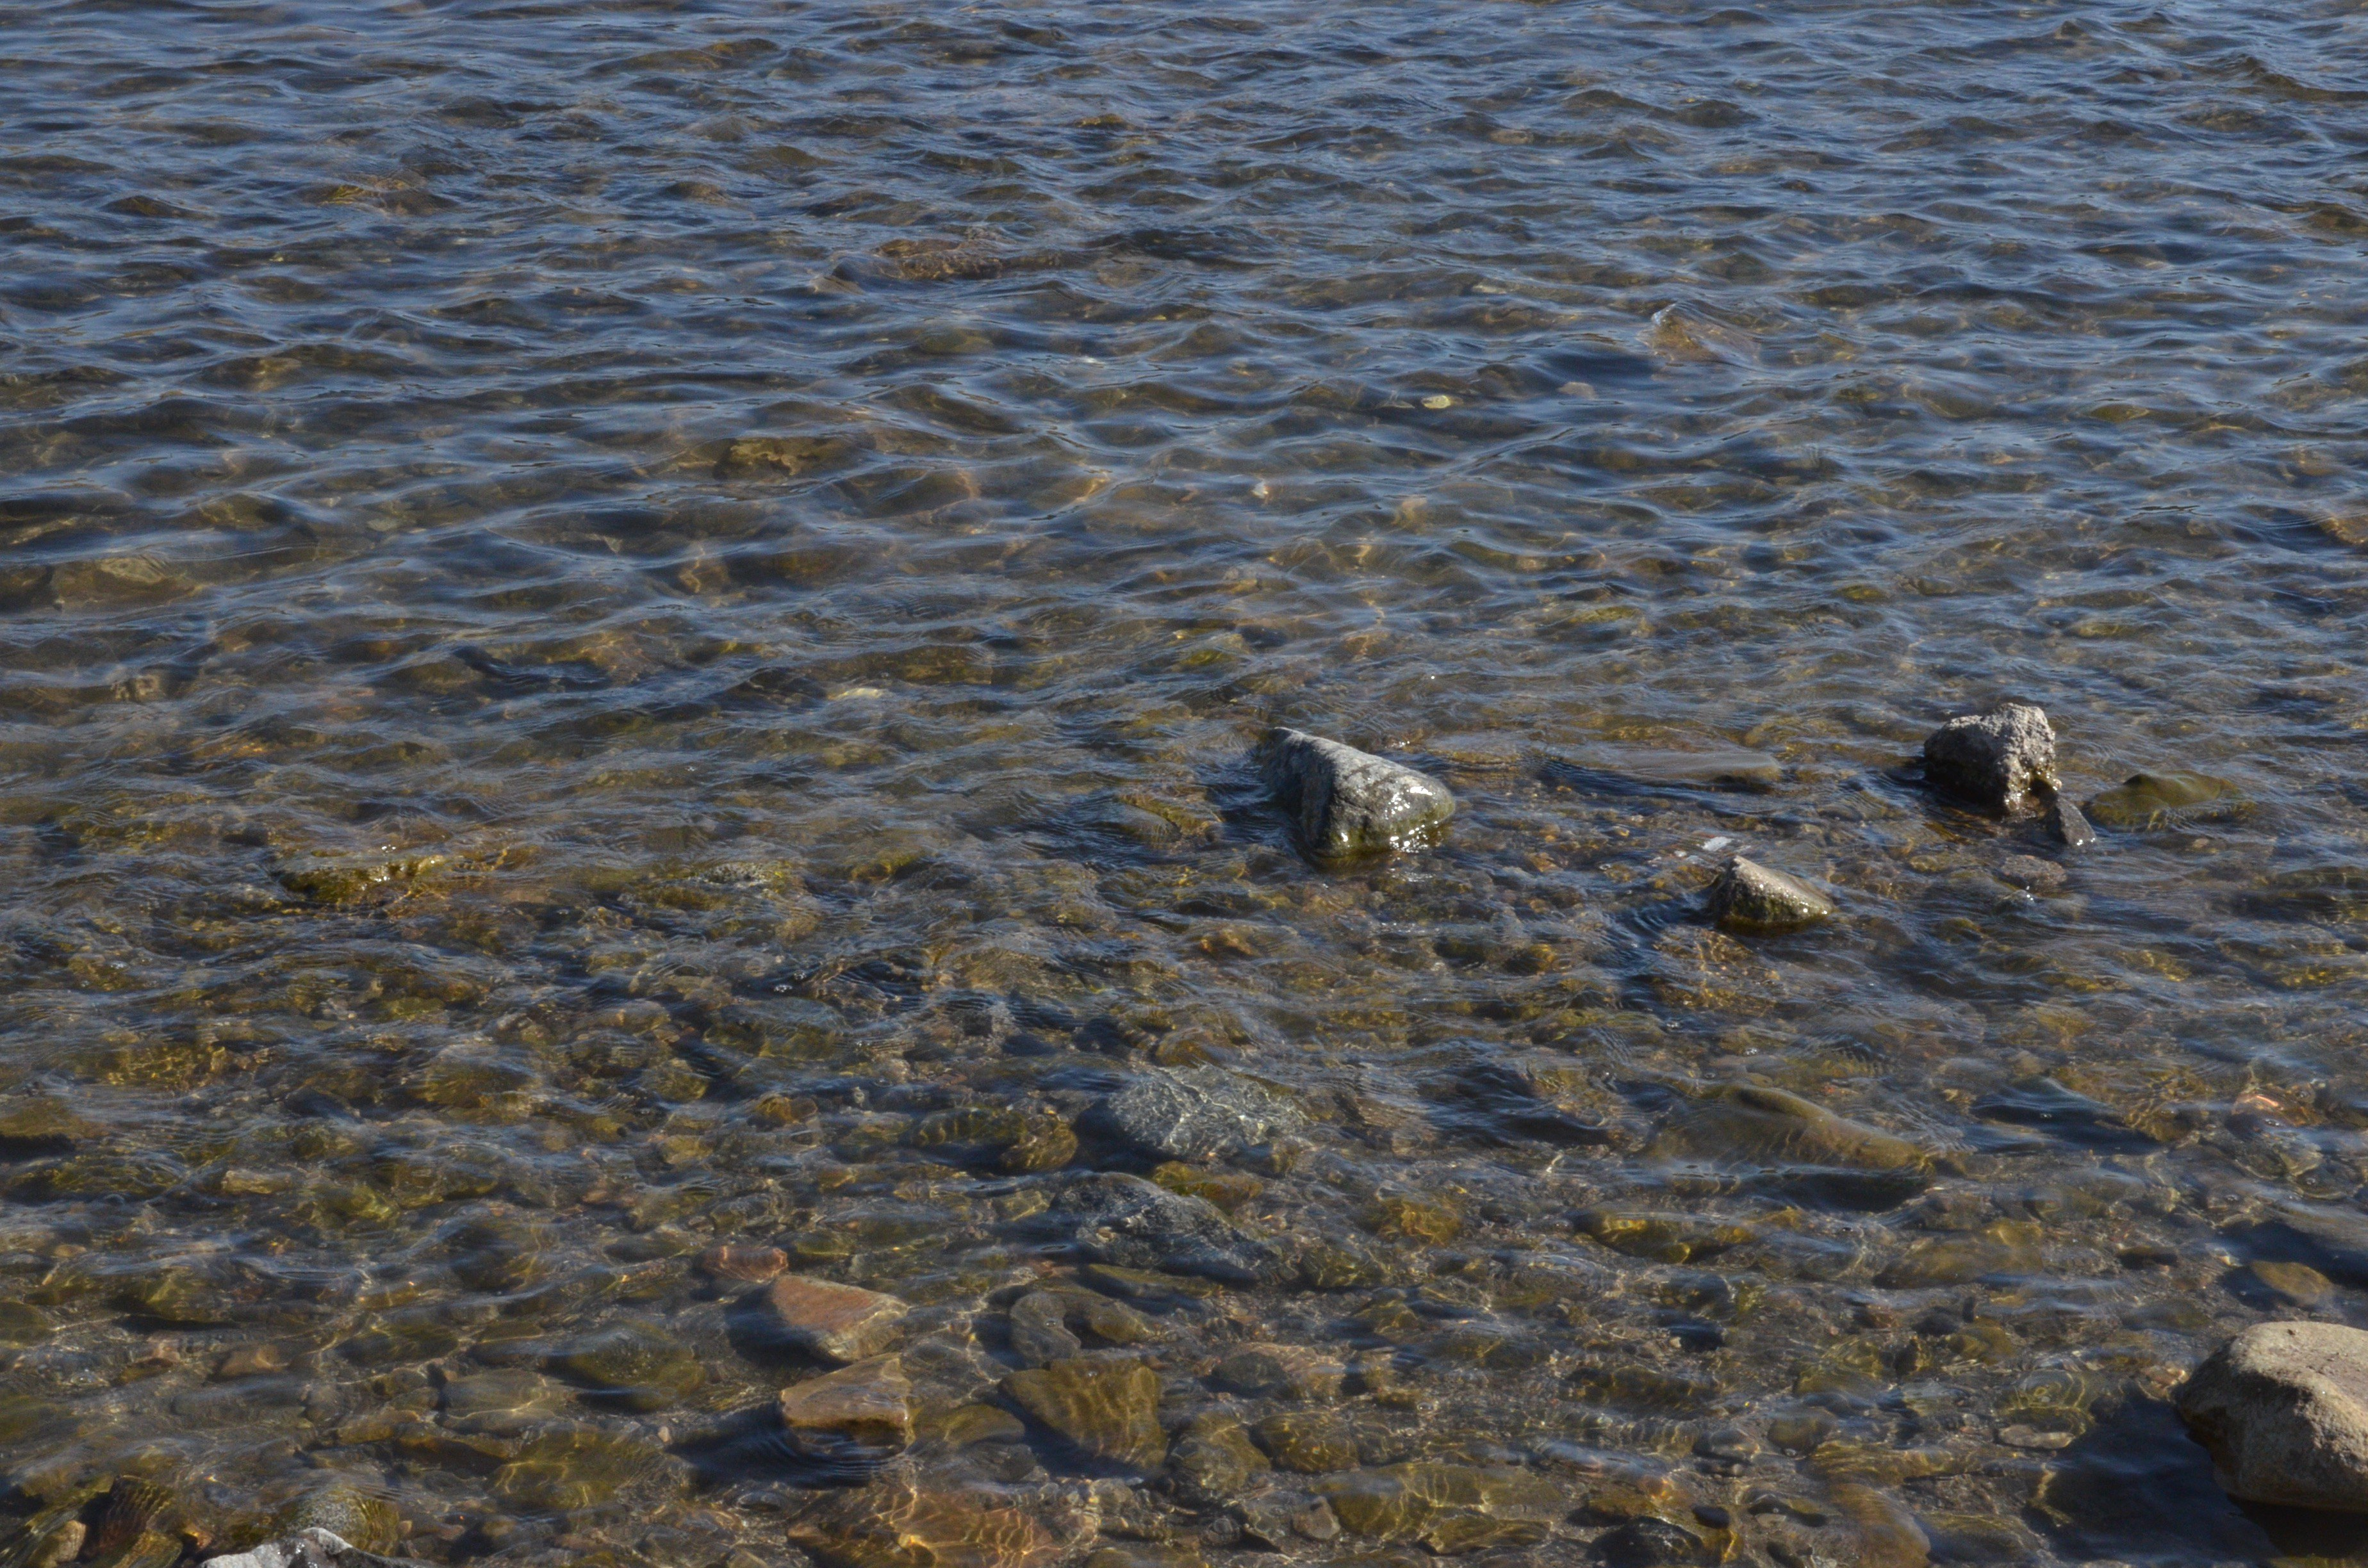 梦见河水上涨好多大鱼